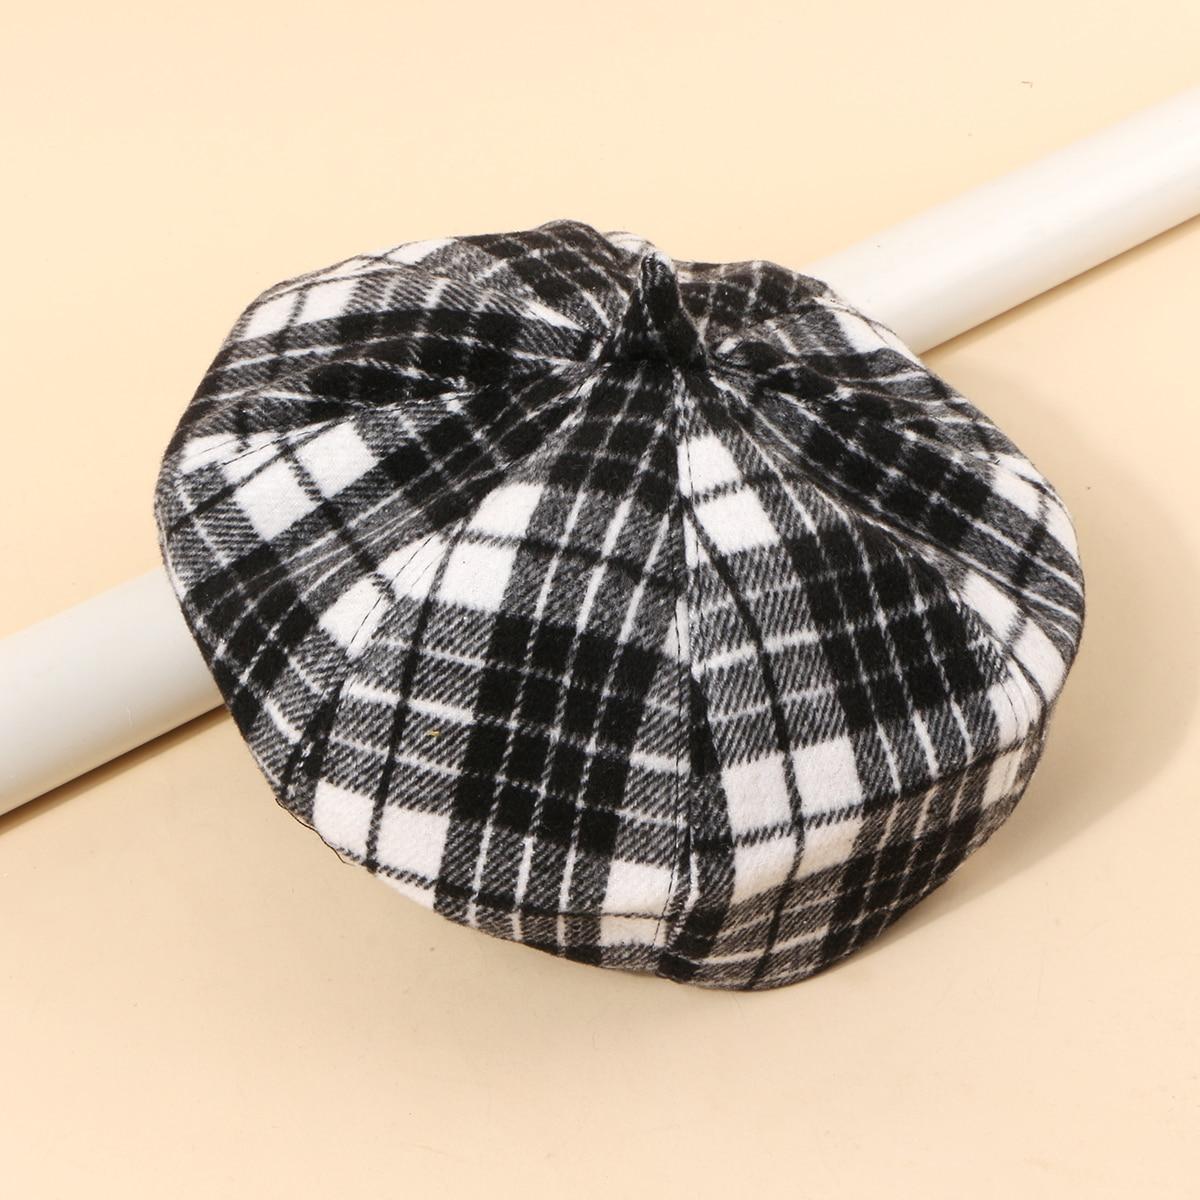 SHEIN / 1 Stück Baskenmützen mit Plaid Muster